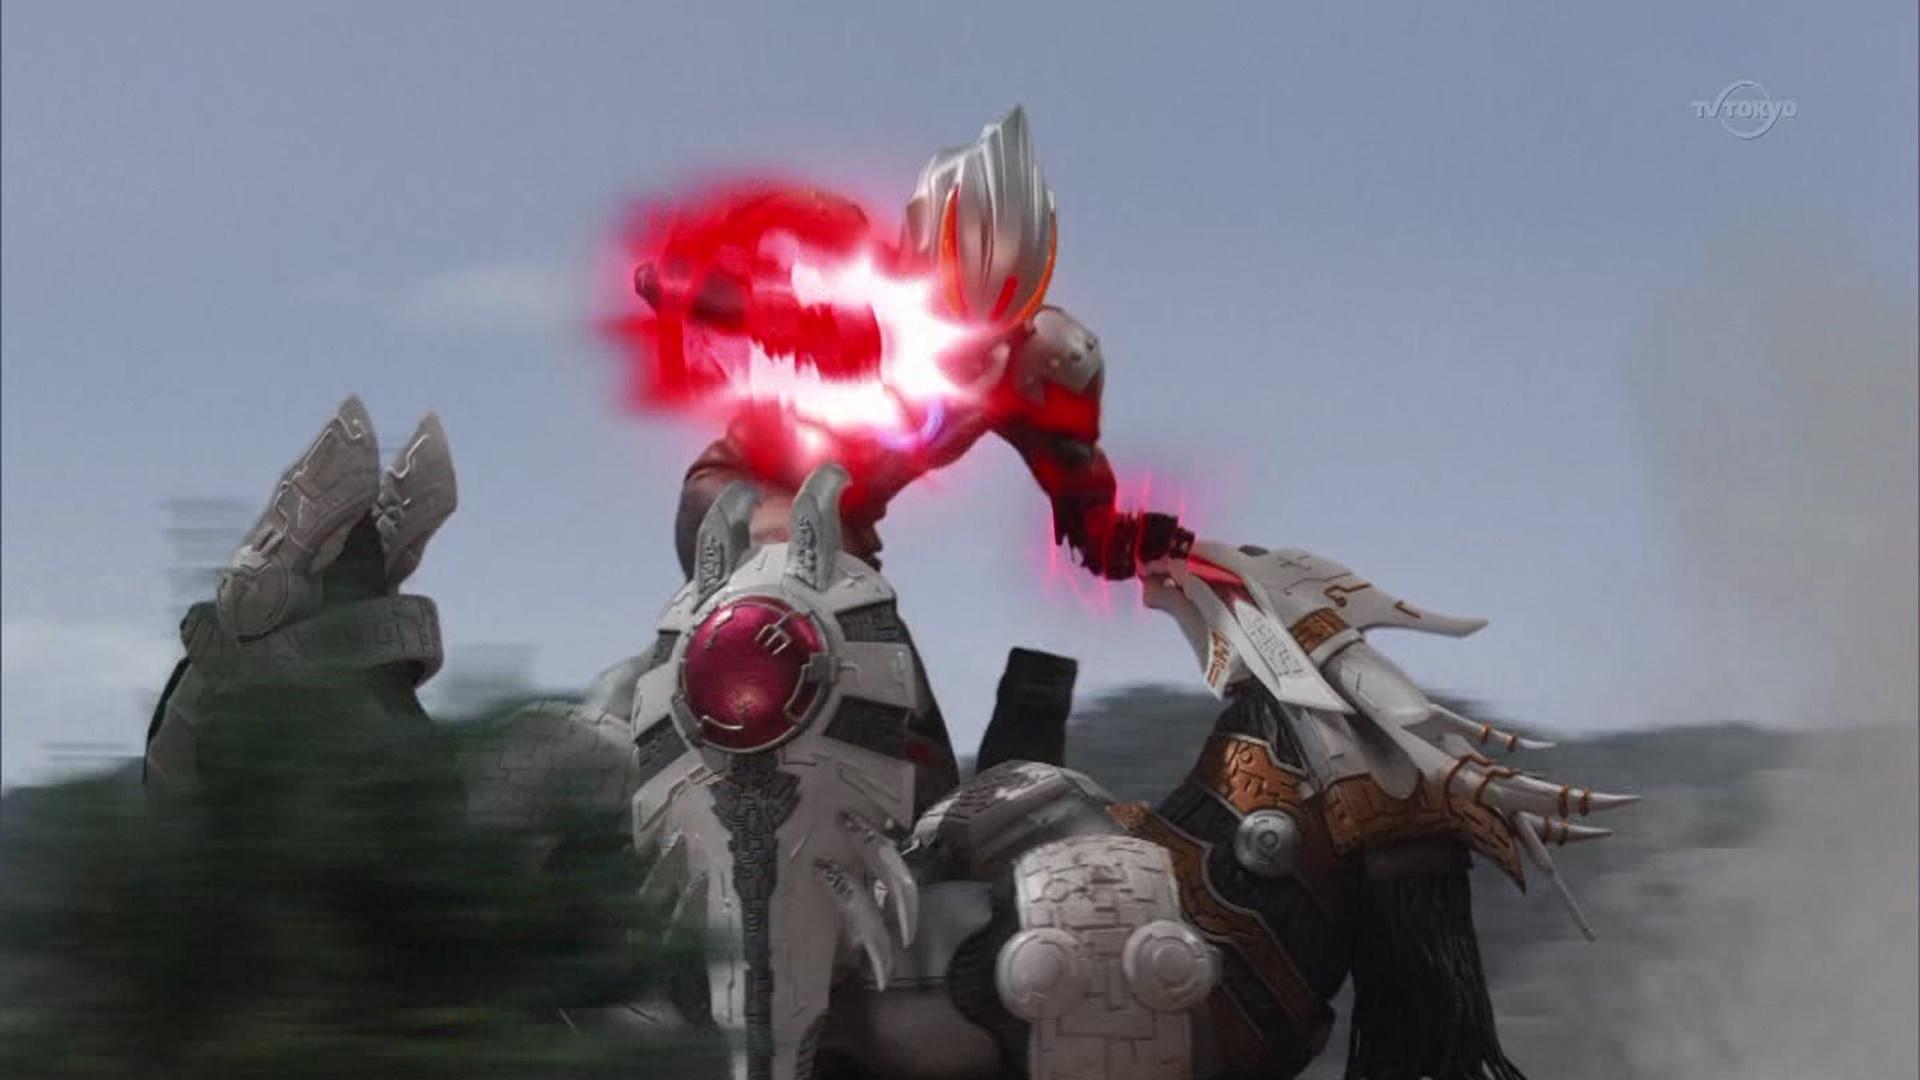 【ウルトラマンオーブ】第15話 「ネバー・セイ・ネバー」のまとめ!エヴァの第13使徒・バルディエルとの戦いみたいになってるw